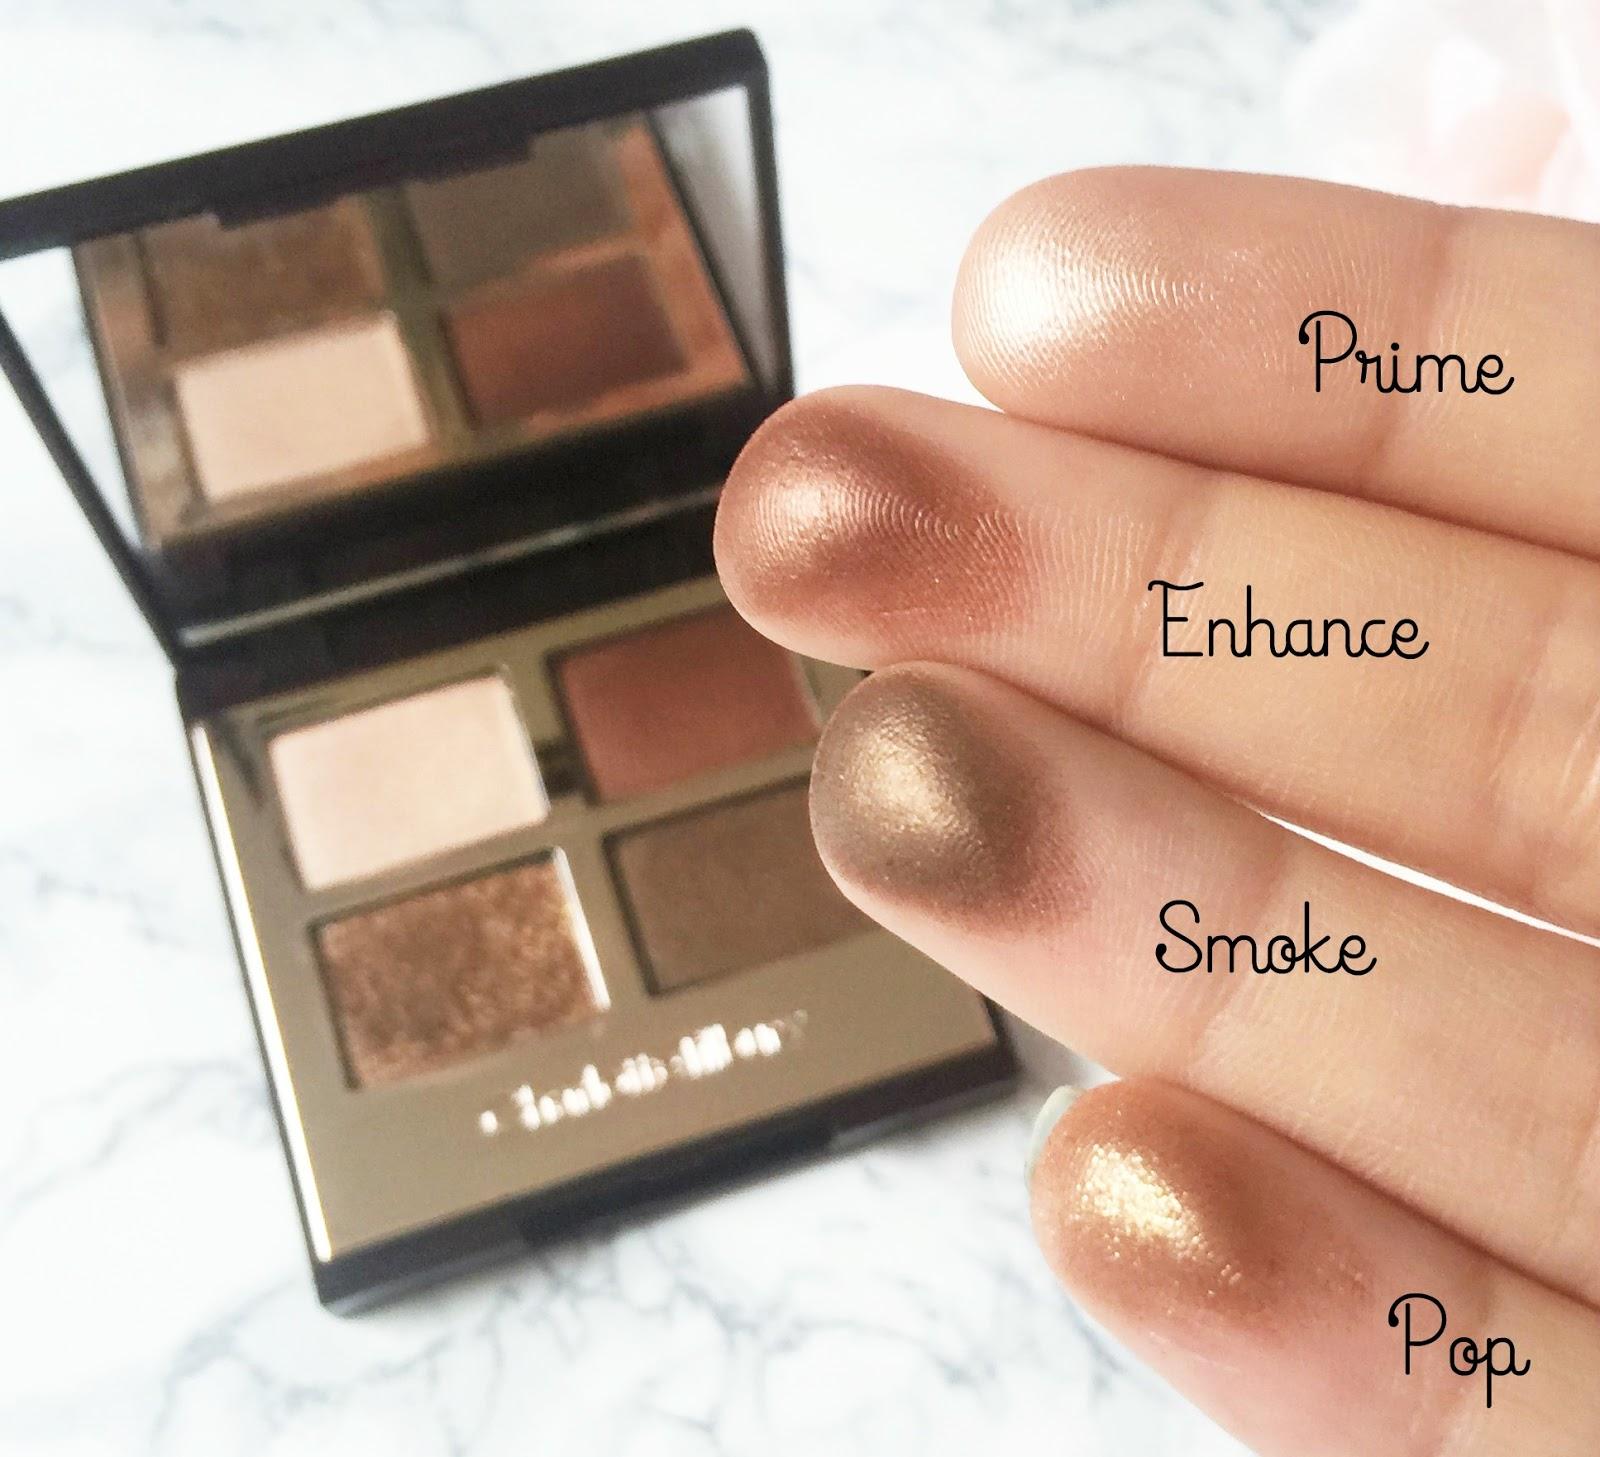 Charlotte Tilbury The Dolce Vita Eyeshadow Quad Review